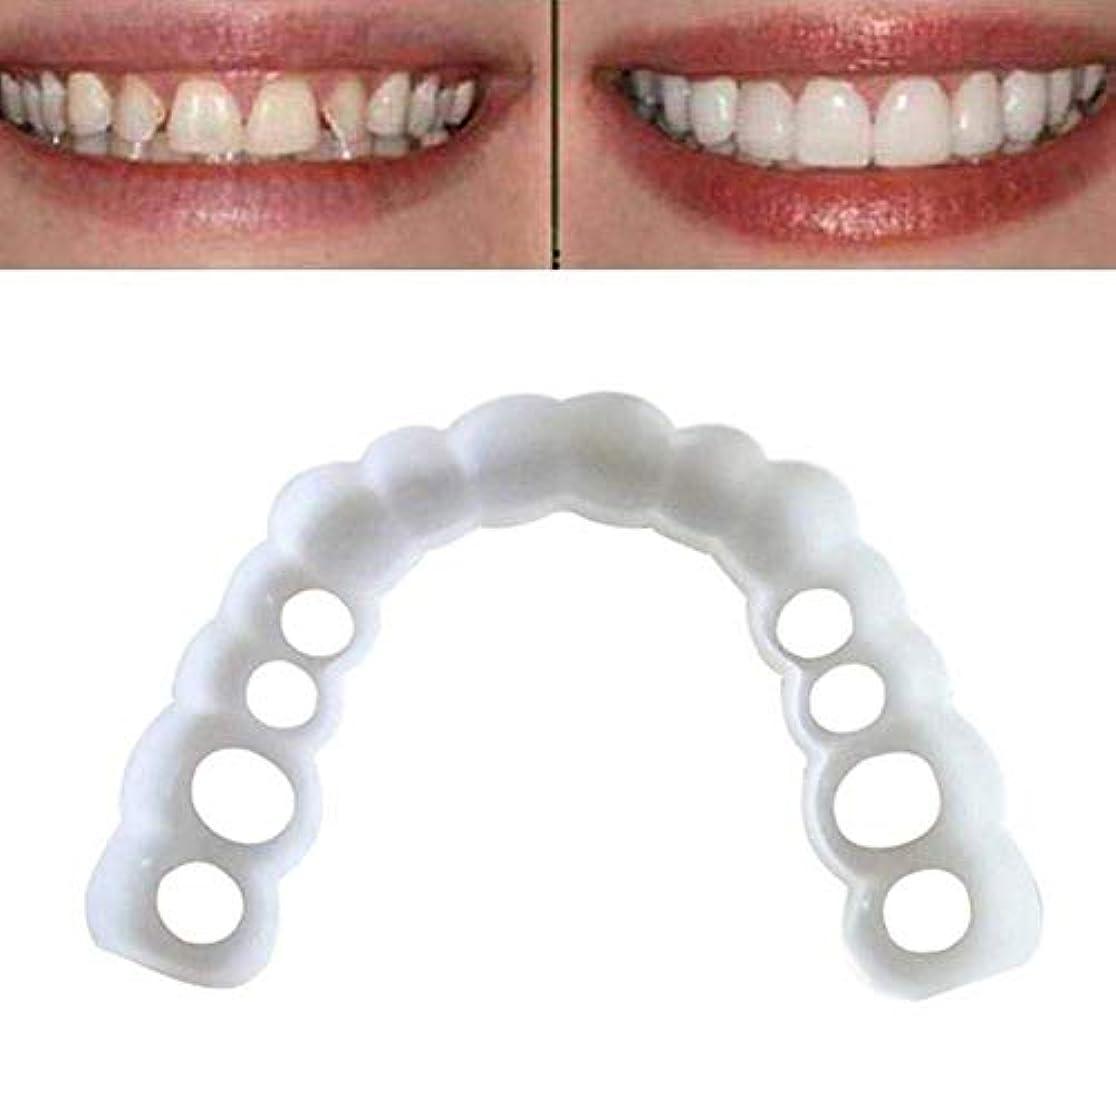 支援イル私たちの化粧品偽歯の3ペアは、快適な欠落タフ歯のベニアカバー不規則、染色し、ひび割れた歯を取り付け